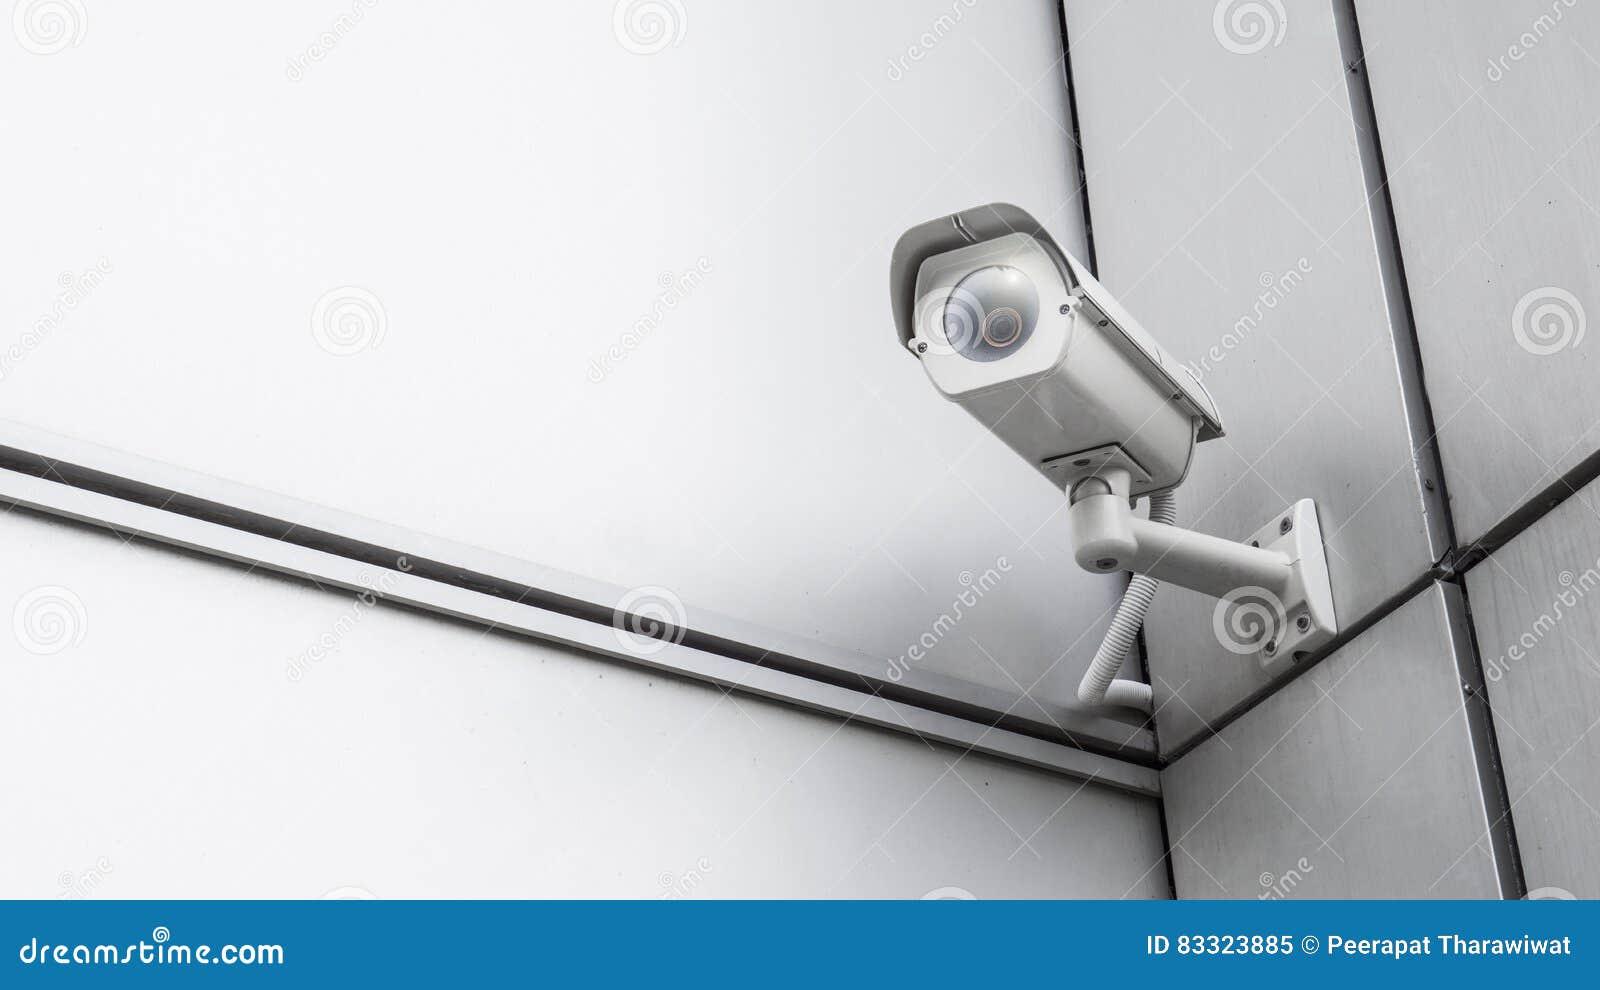 Videoausrüstung der CCTV-Überwachungsüberwachungskamera im Turmhaus und -Wohnungsbau auf Wand zur Sicherheitssystembereichssteuer